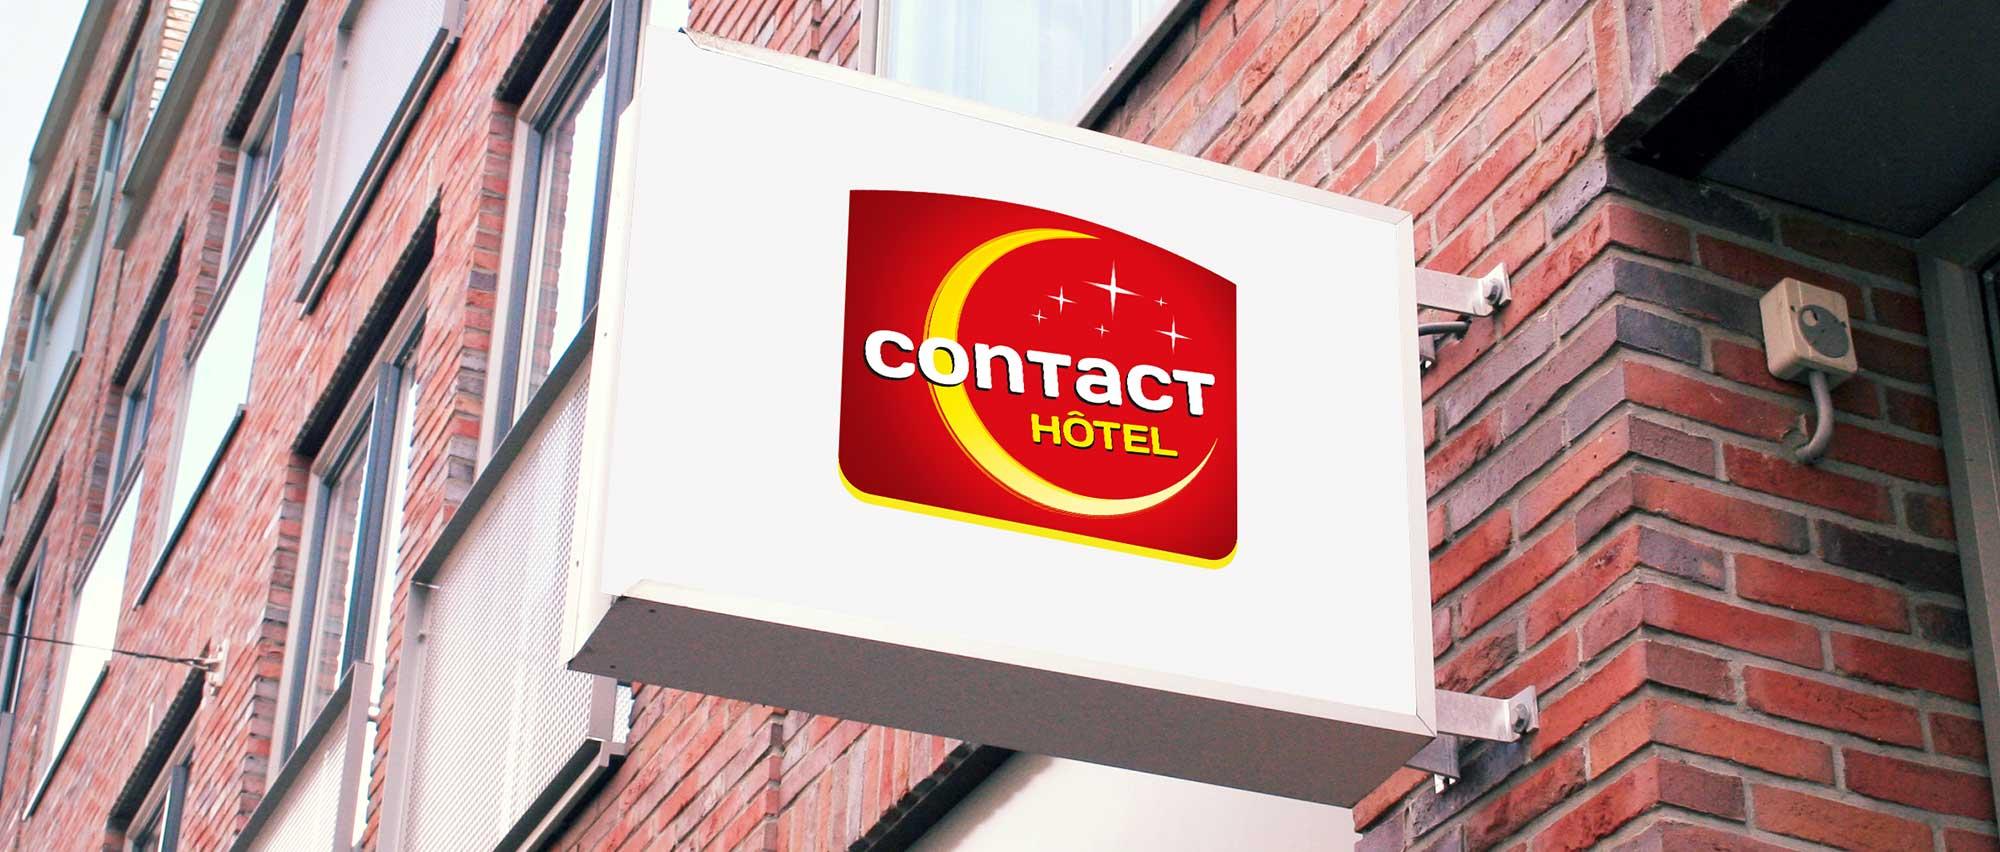 ikadia_contact-hotel_fond1